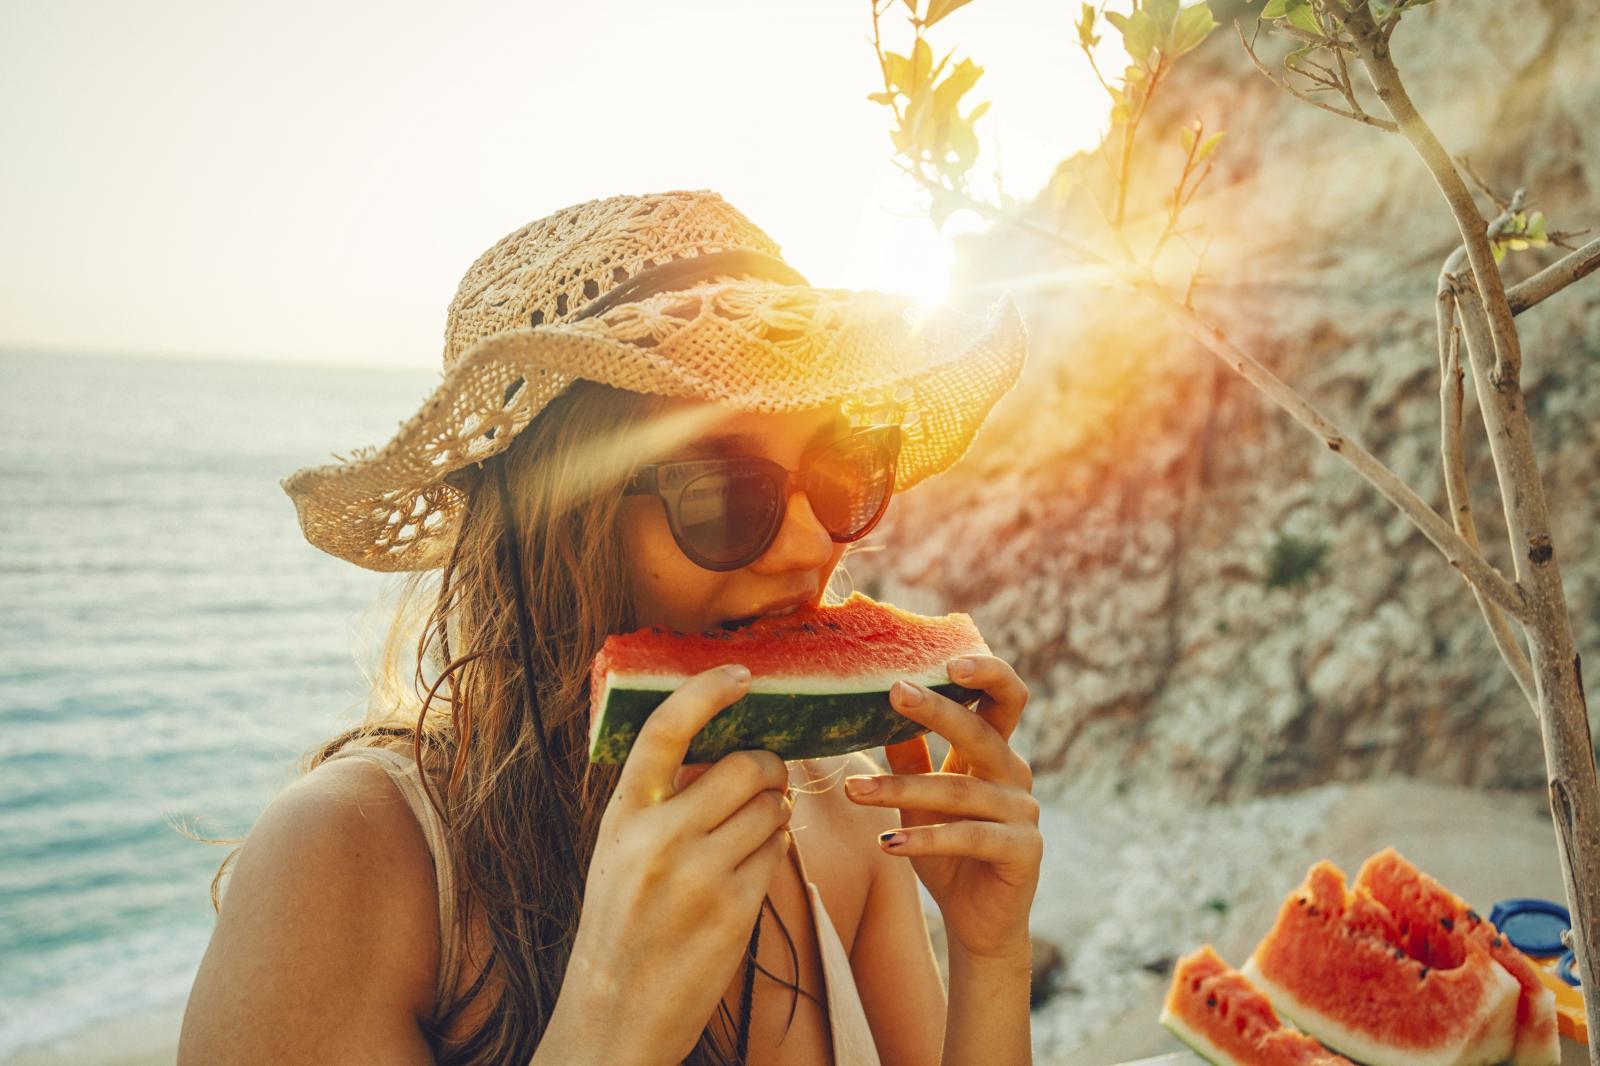 Ljeti nas gotovo ništa ne može osvježiti kao ohlađena lubenica.